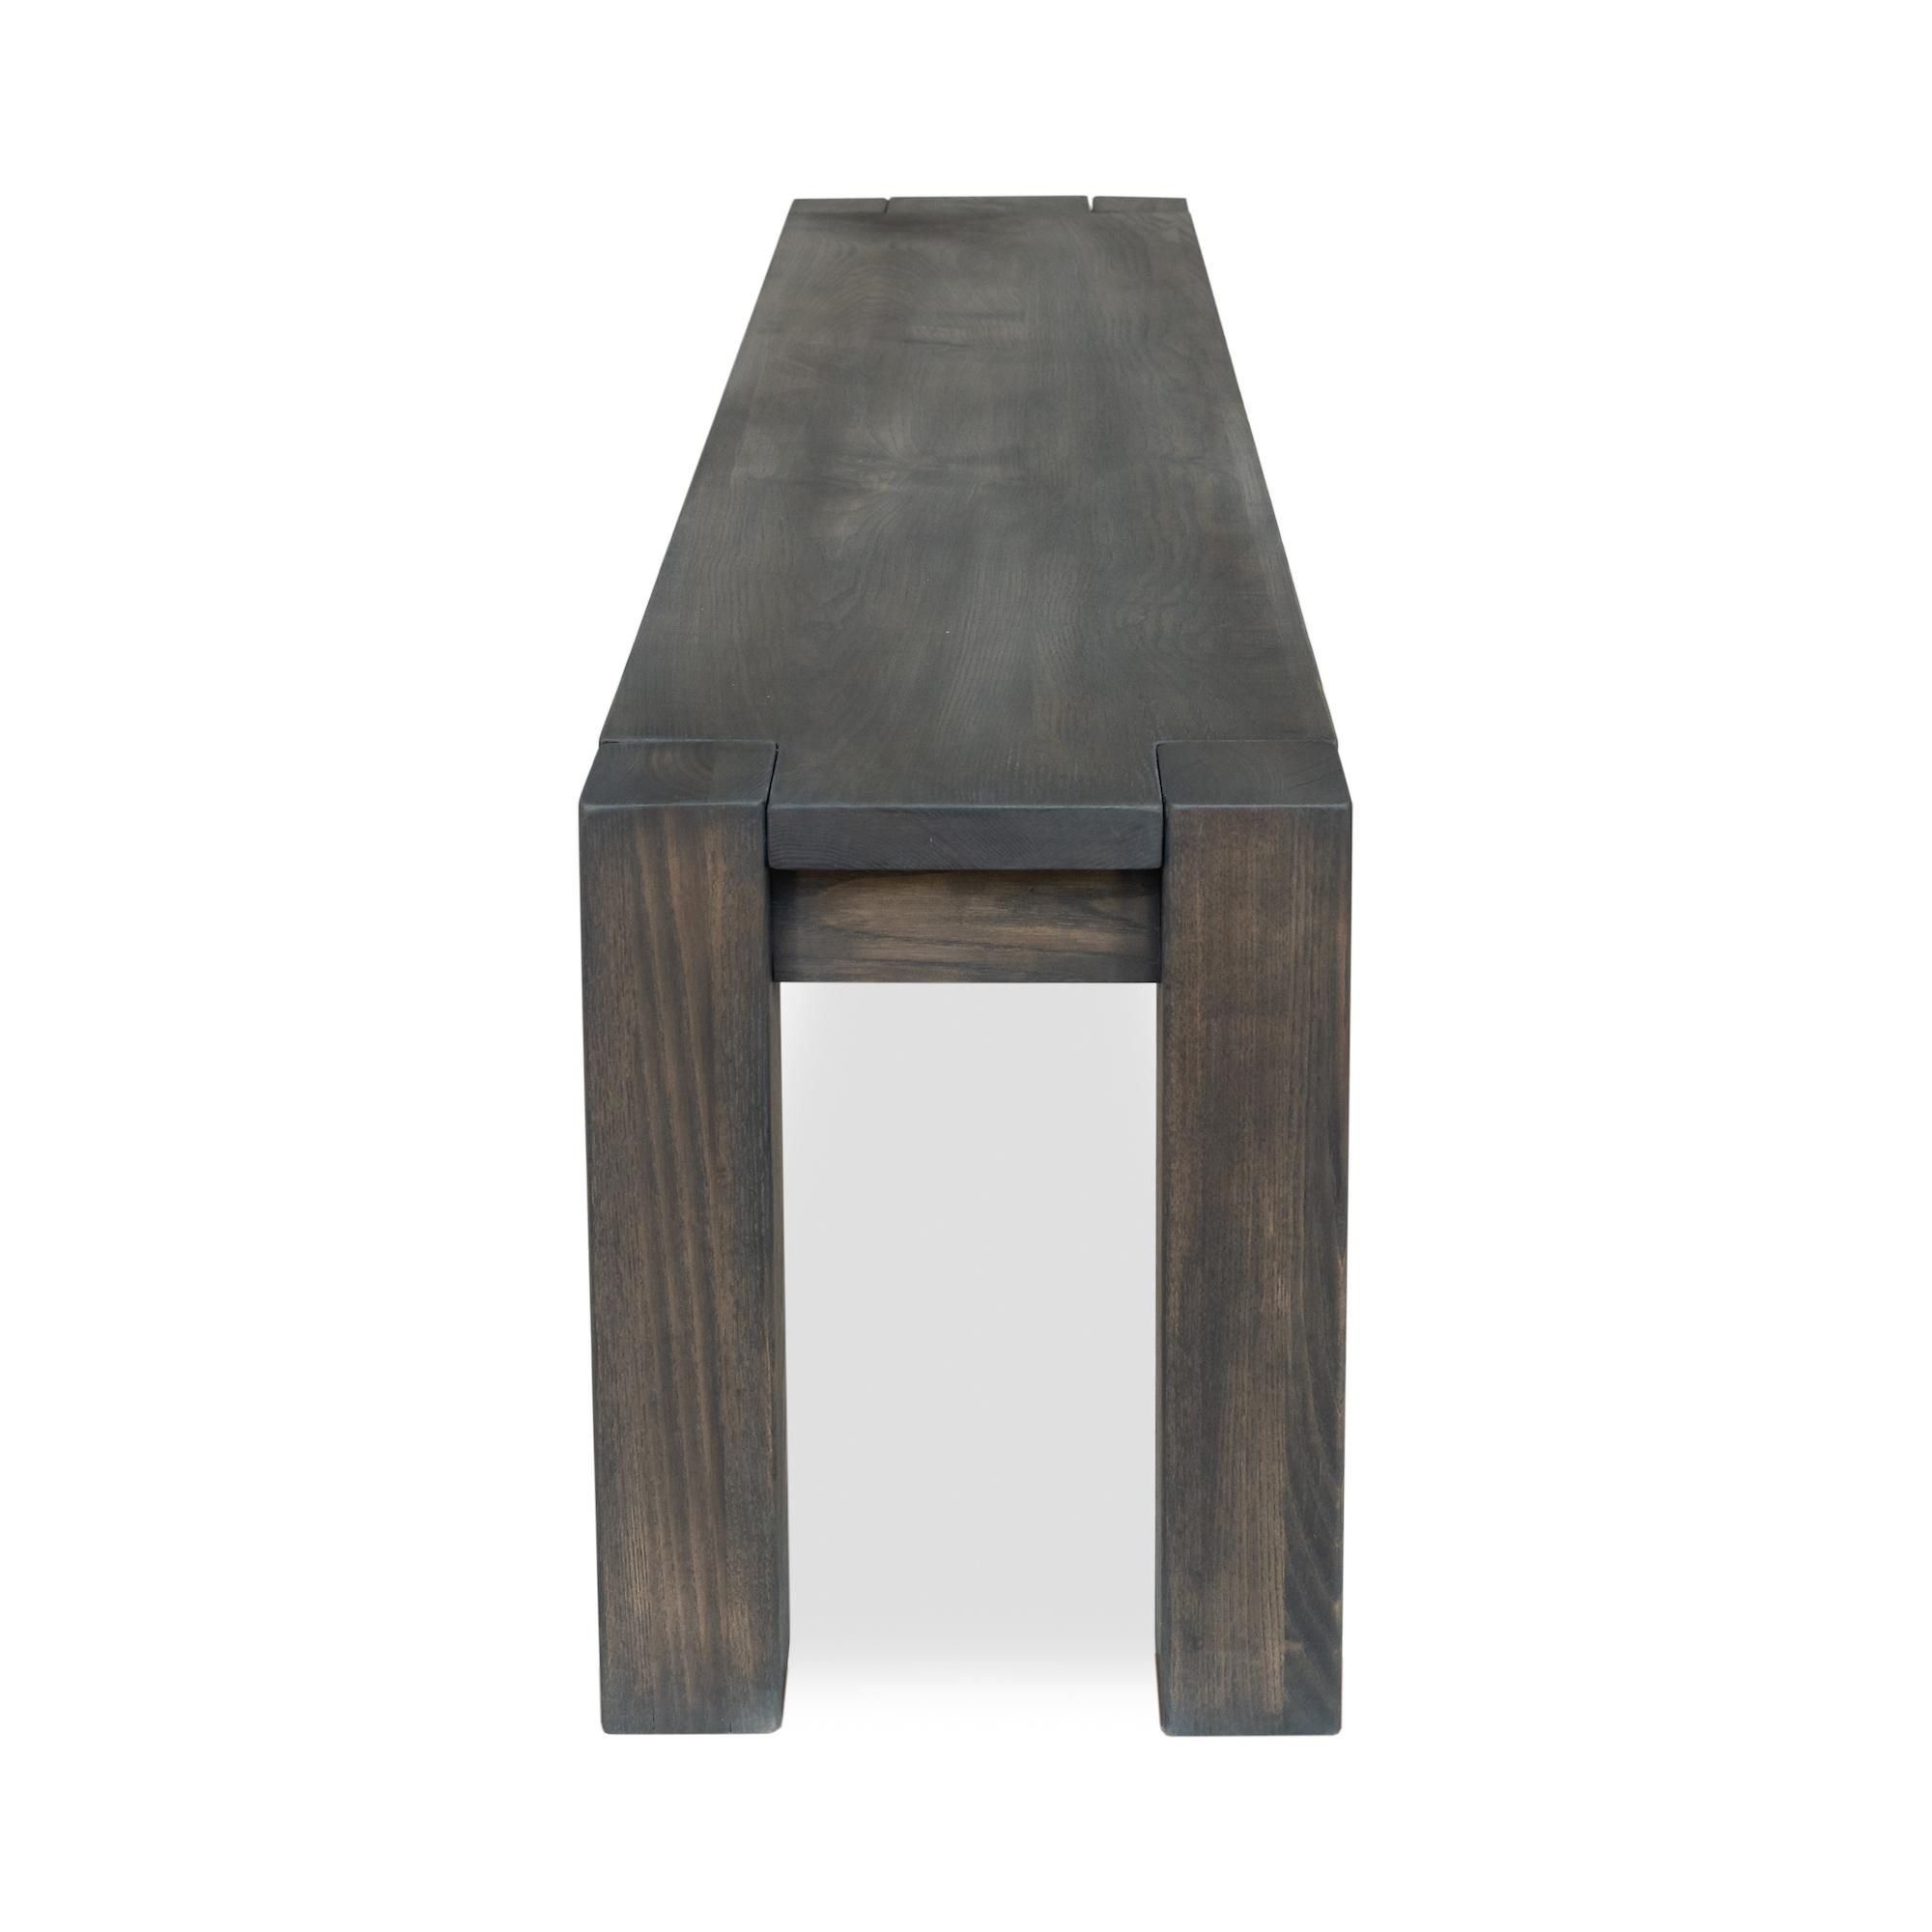 Woodcraft_Furniture_WestWindBench-5-1-1.jpg